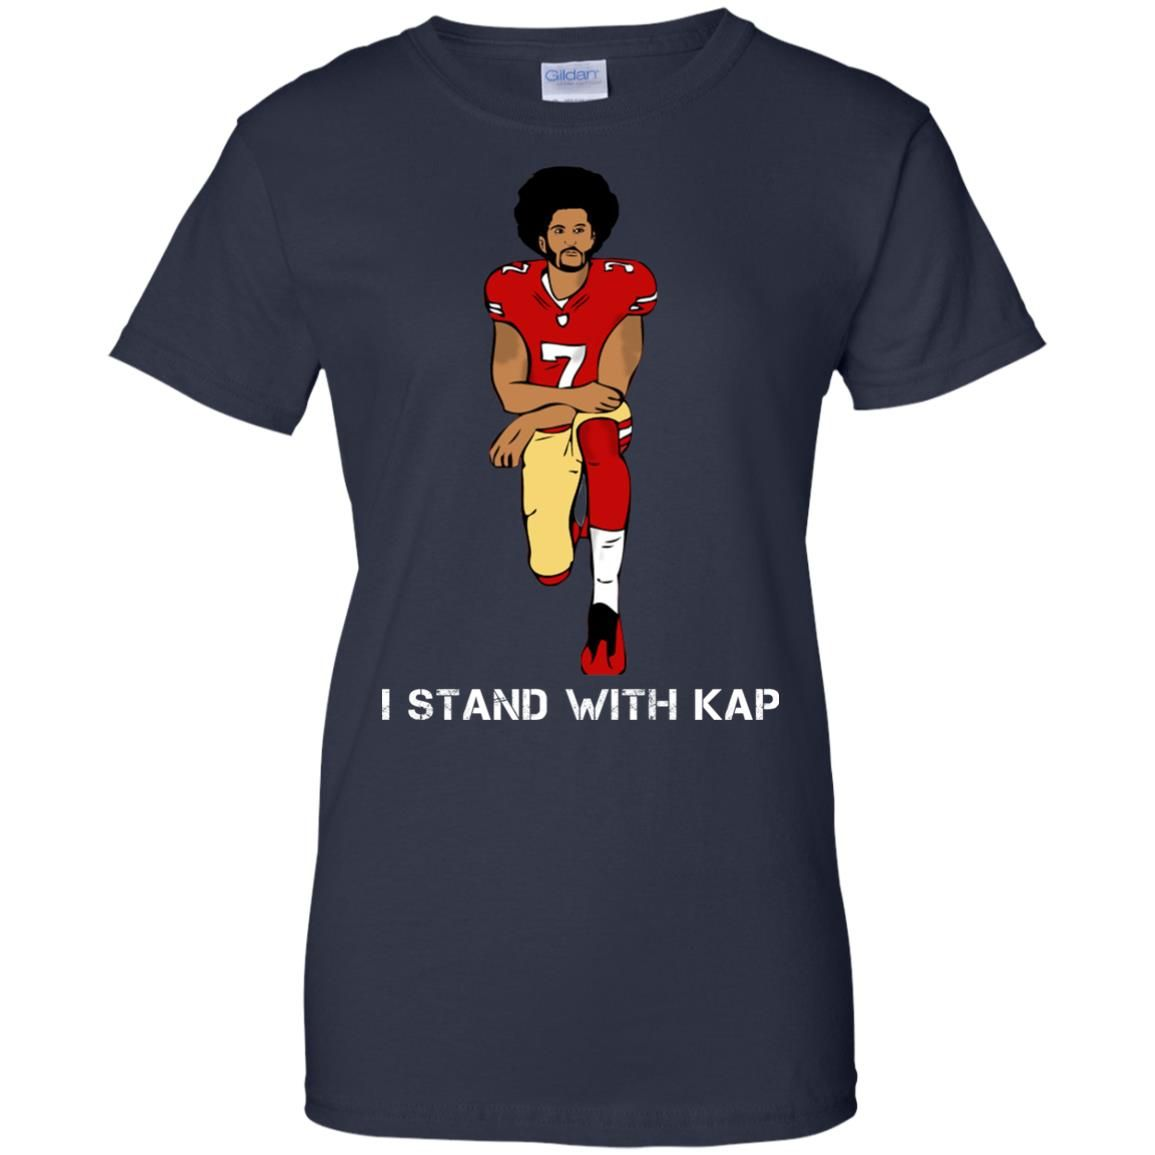 image 1943 - I stand with Kap shirt, hoodie